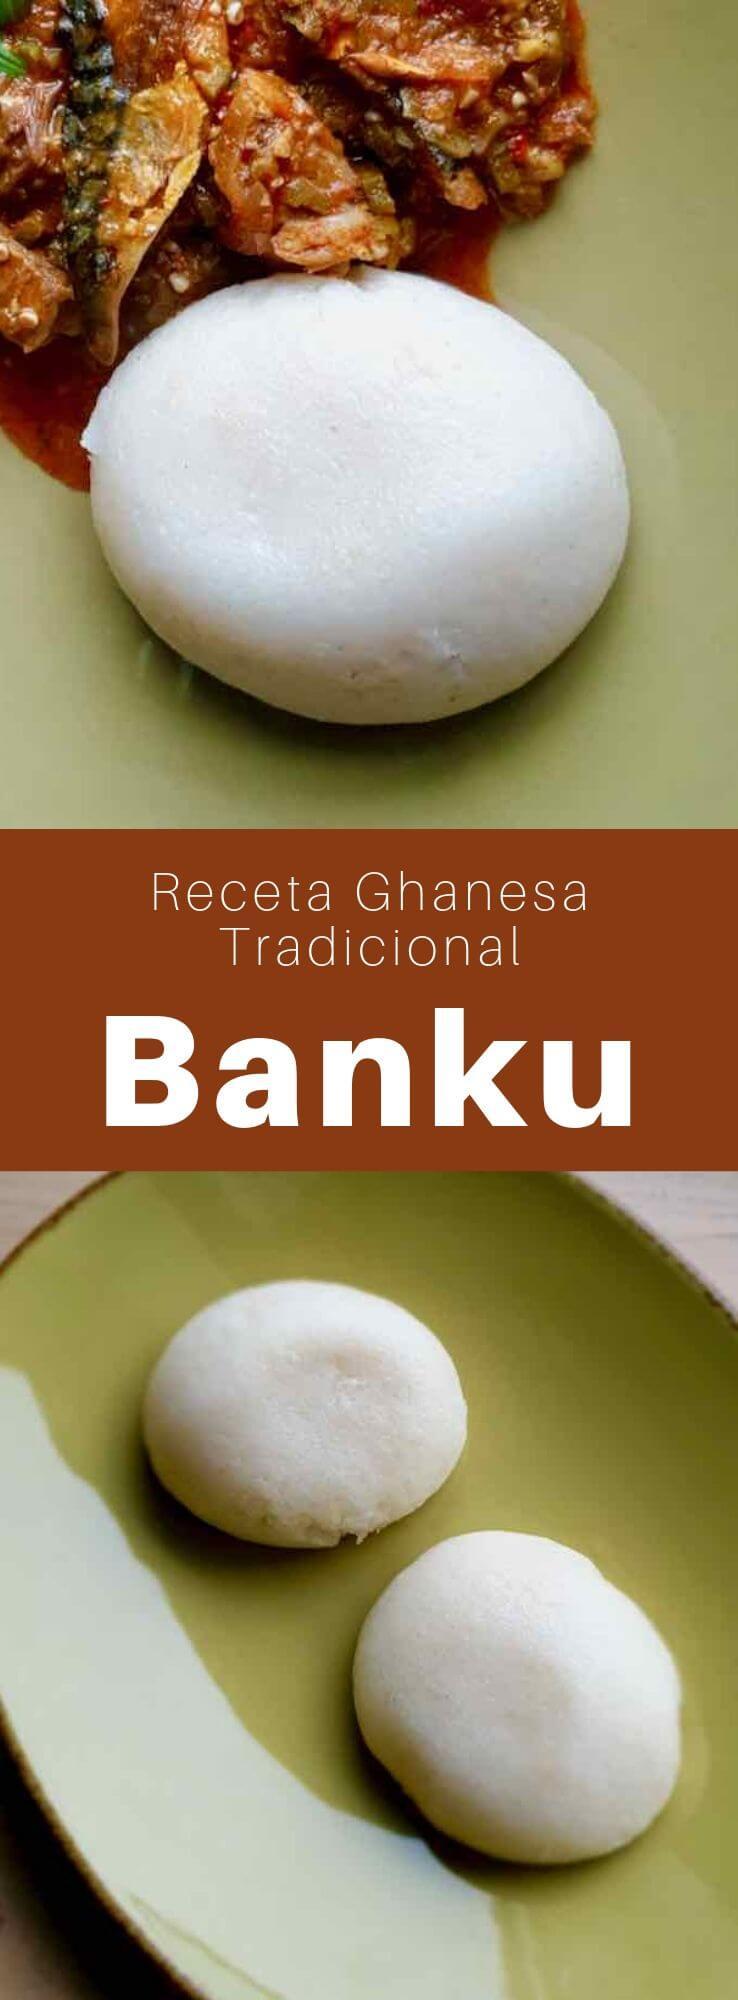 El banku es una receta tradicional de Ghana conocida por un sabor agrio que proviene de los varios días de fermentación del maíz para preparar masa.